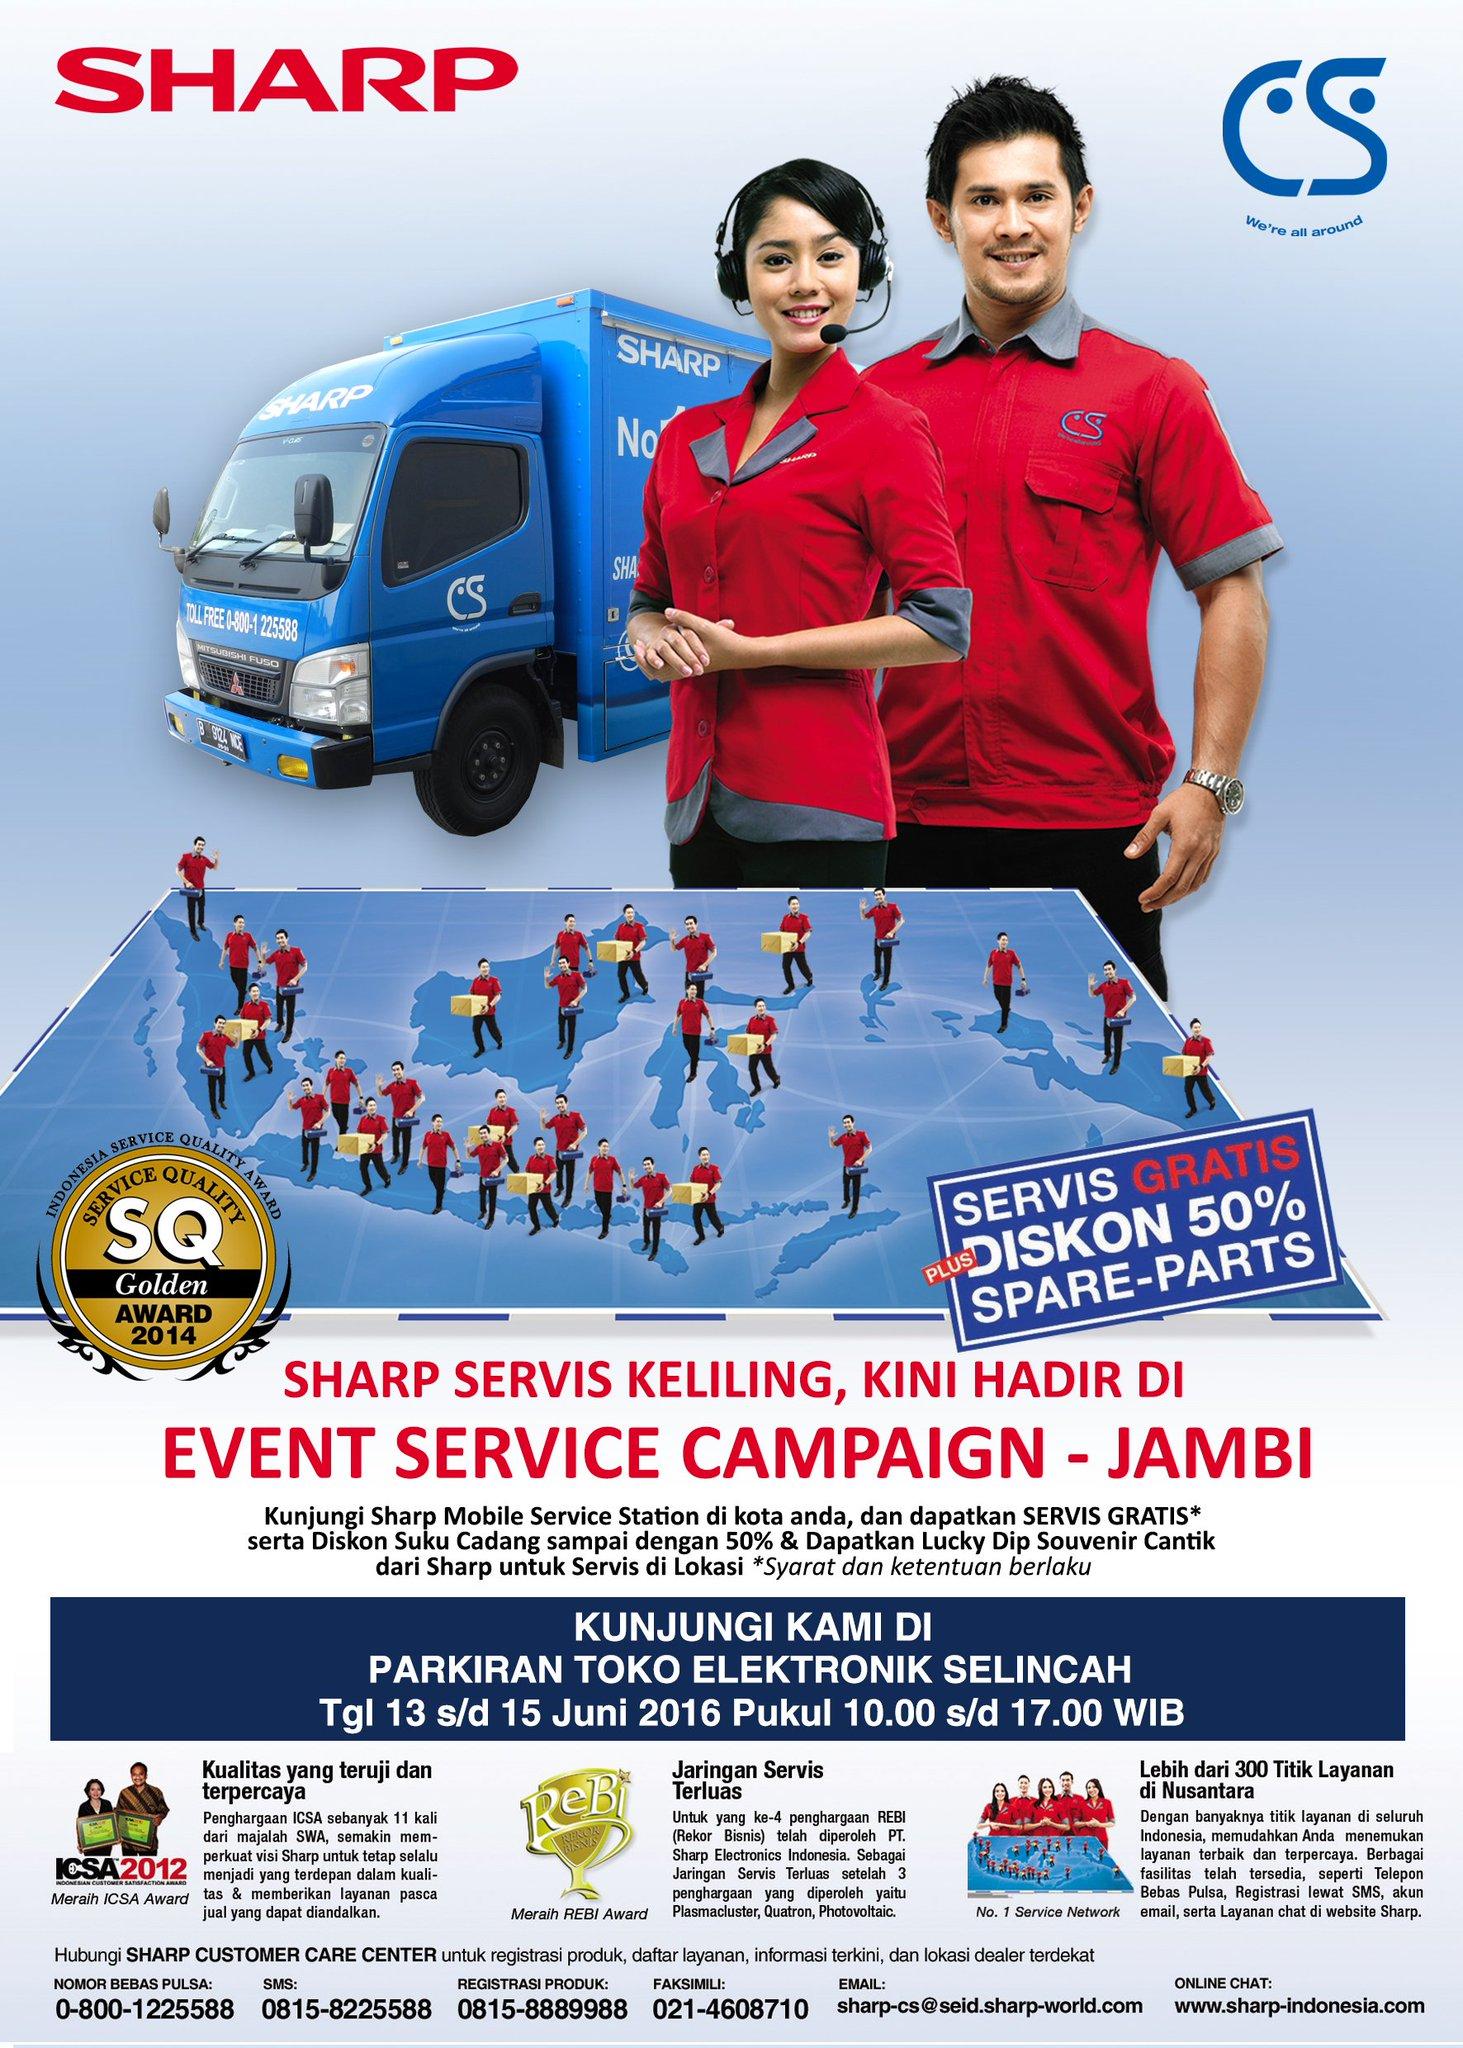 Sharpindonesia u05d1u05d8u05d5u05d5u05d9u05d8u05e8 Sharp Mobile Service Station Hadir Di Jambi Dapatkan Promo Service Gratis Dan Diskon Sparepart